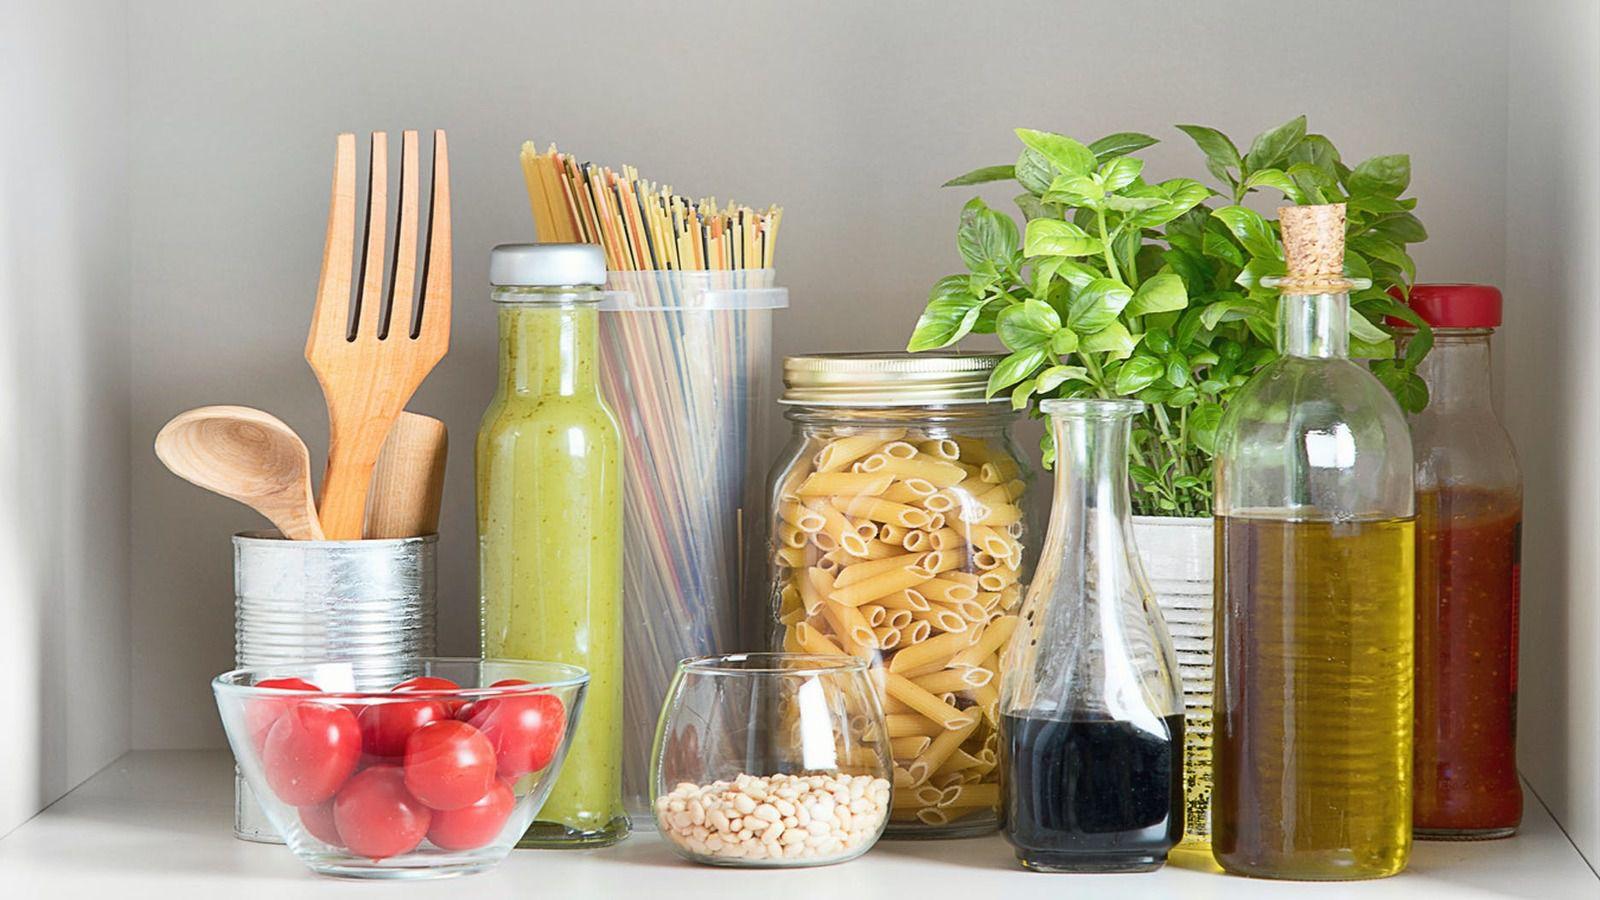 Des repas équilibrés en suivant les apports journaliers conseillés (partie 1)